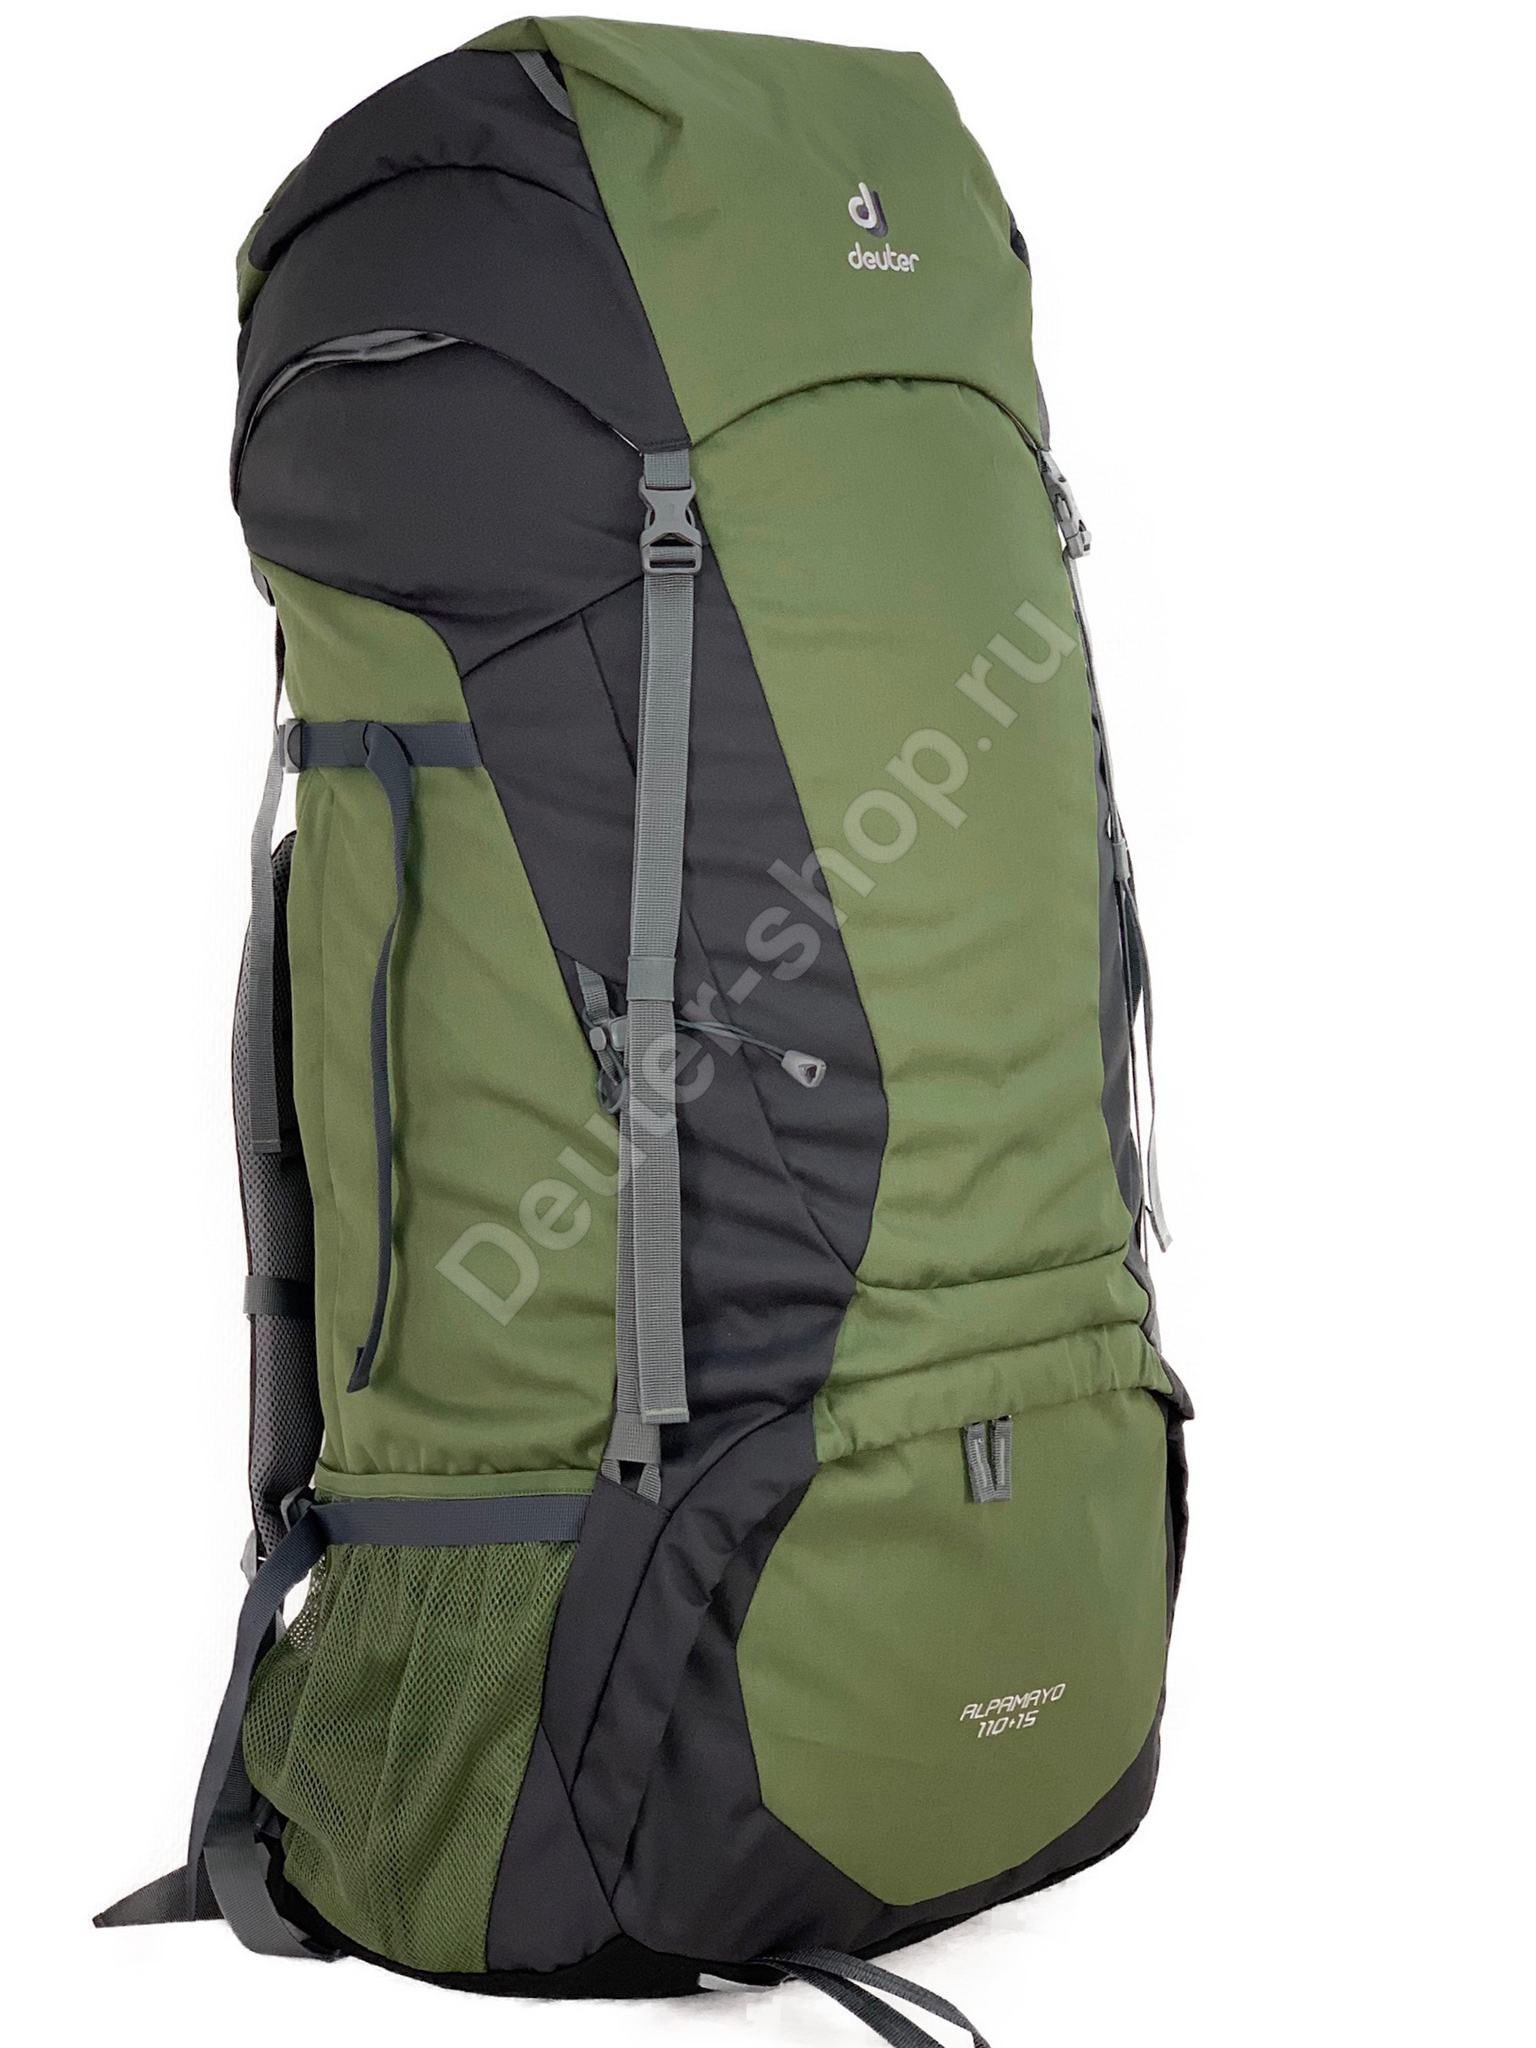 Туристические рюкзаки большие Рюкзак Deuter Alpamayo 110 + 15 (2020) 1E44CF8A-35F3-4589-947C-157A967057D8.jpeg